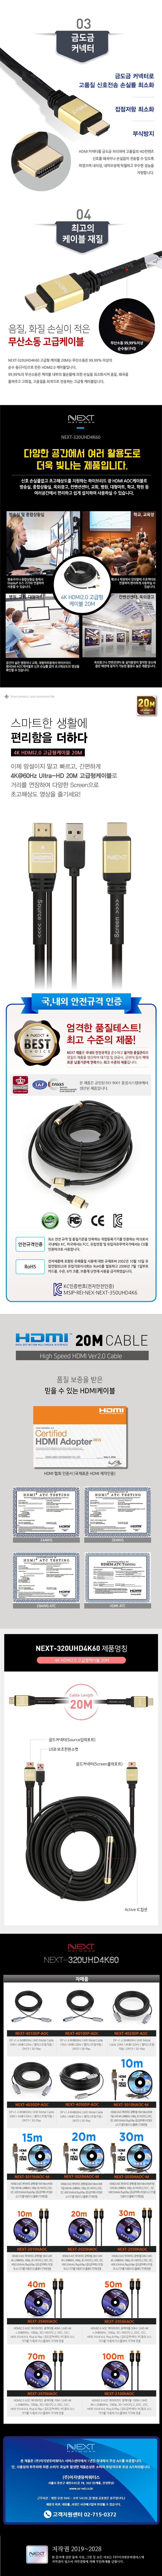 이지넷유비쿼터스  HDMI 2.0 고급형 케이블(20m)